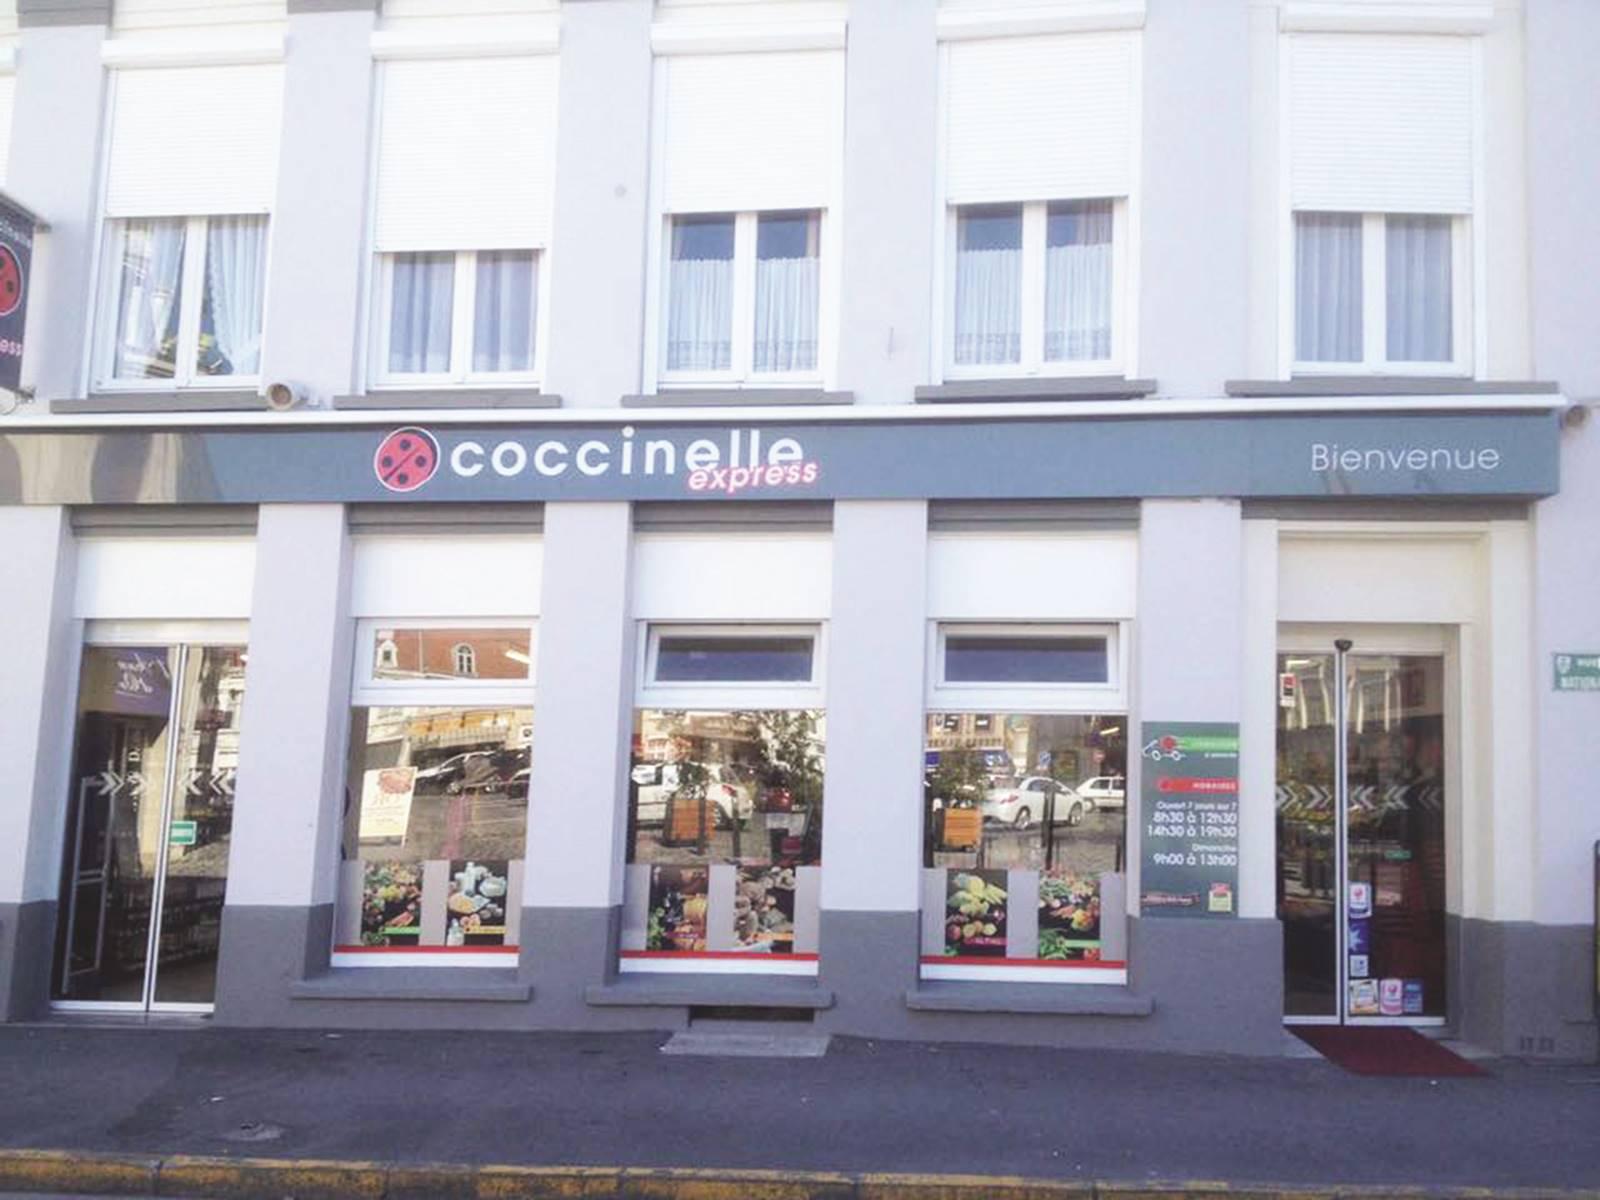 commerces-coccinnelles-express-bergues.jpg